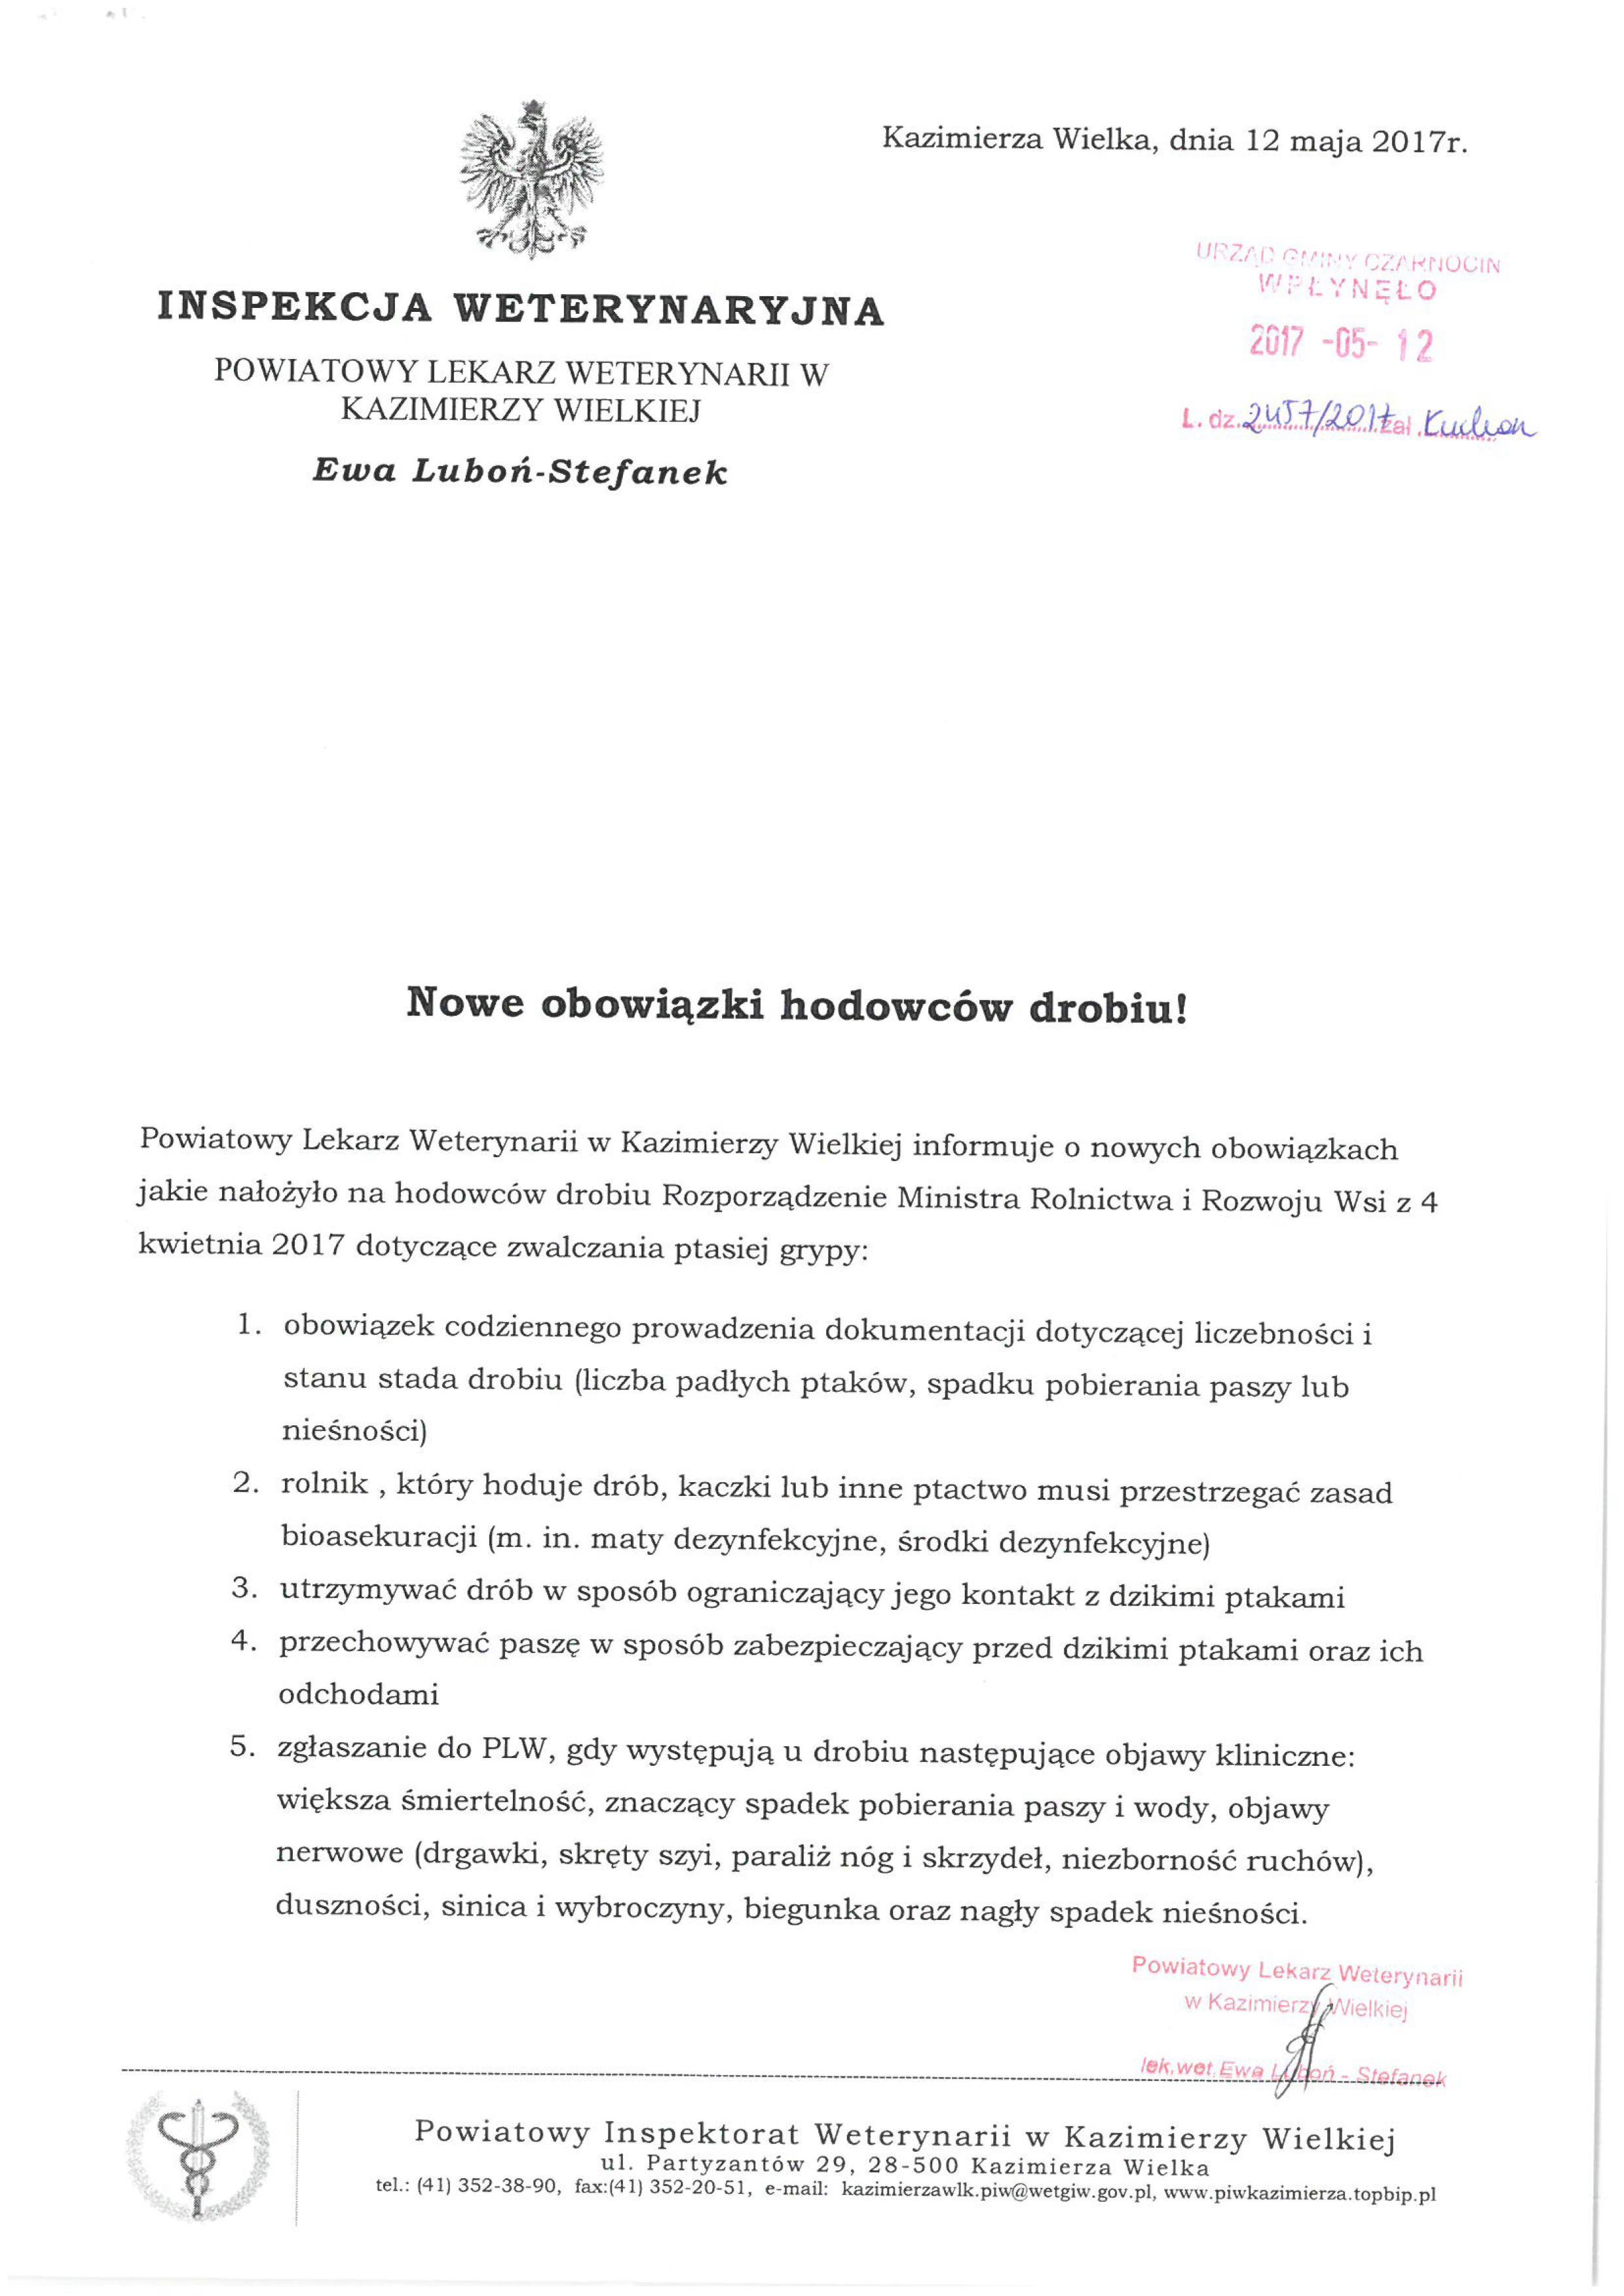 hodowcydrobiu12017.jpg